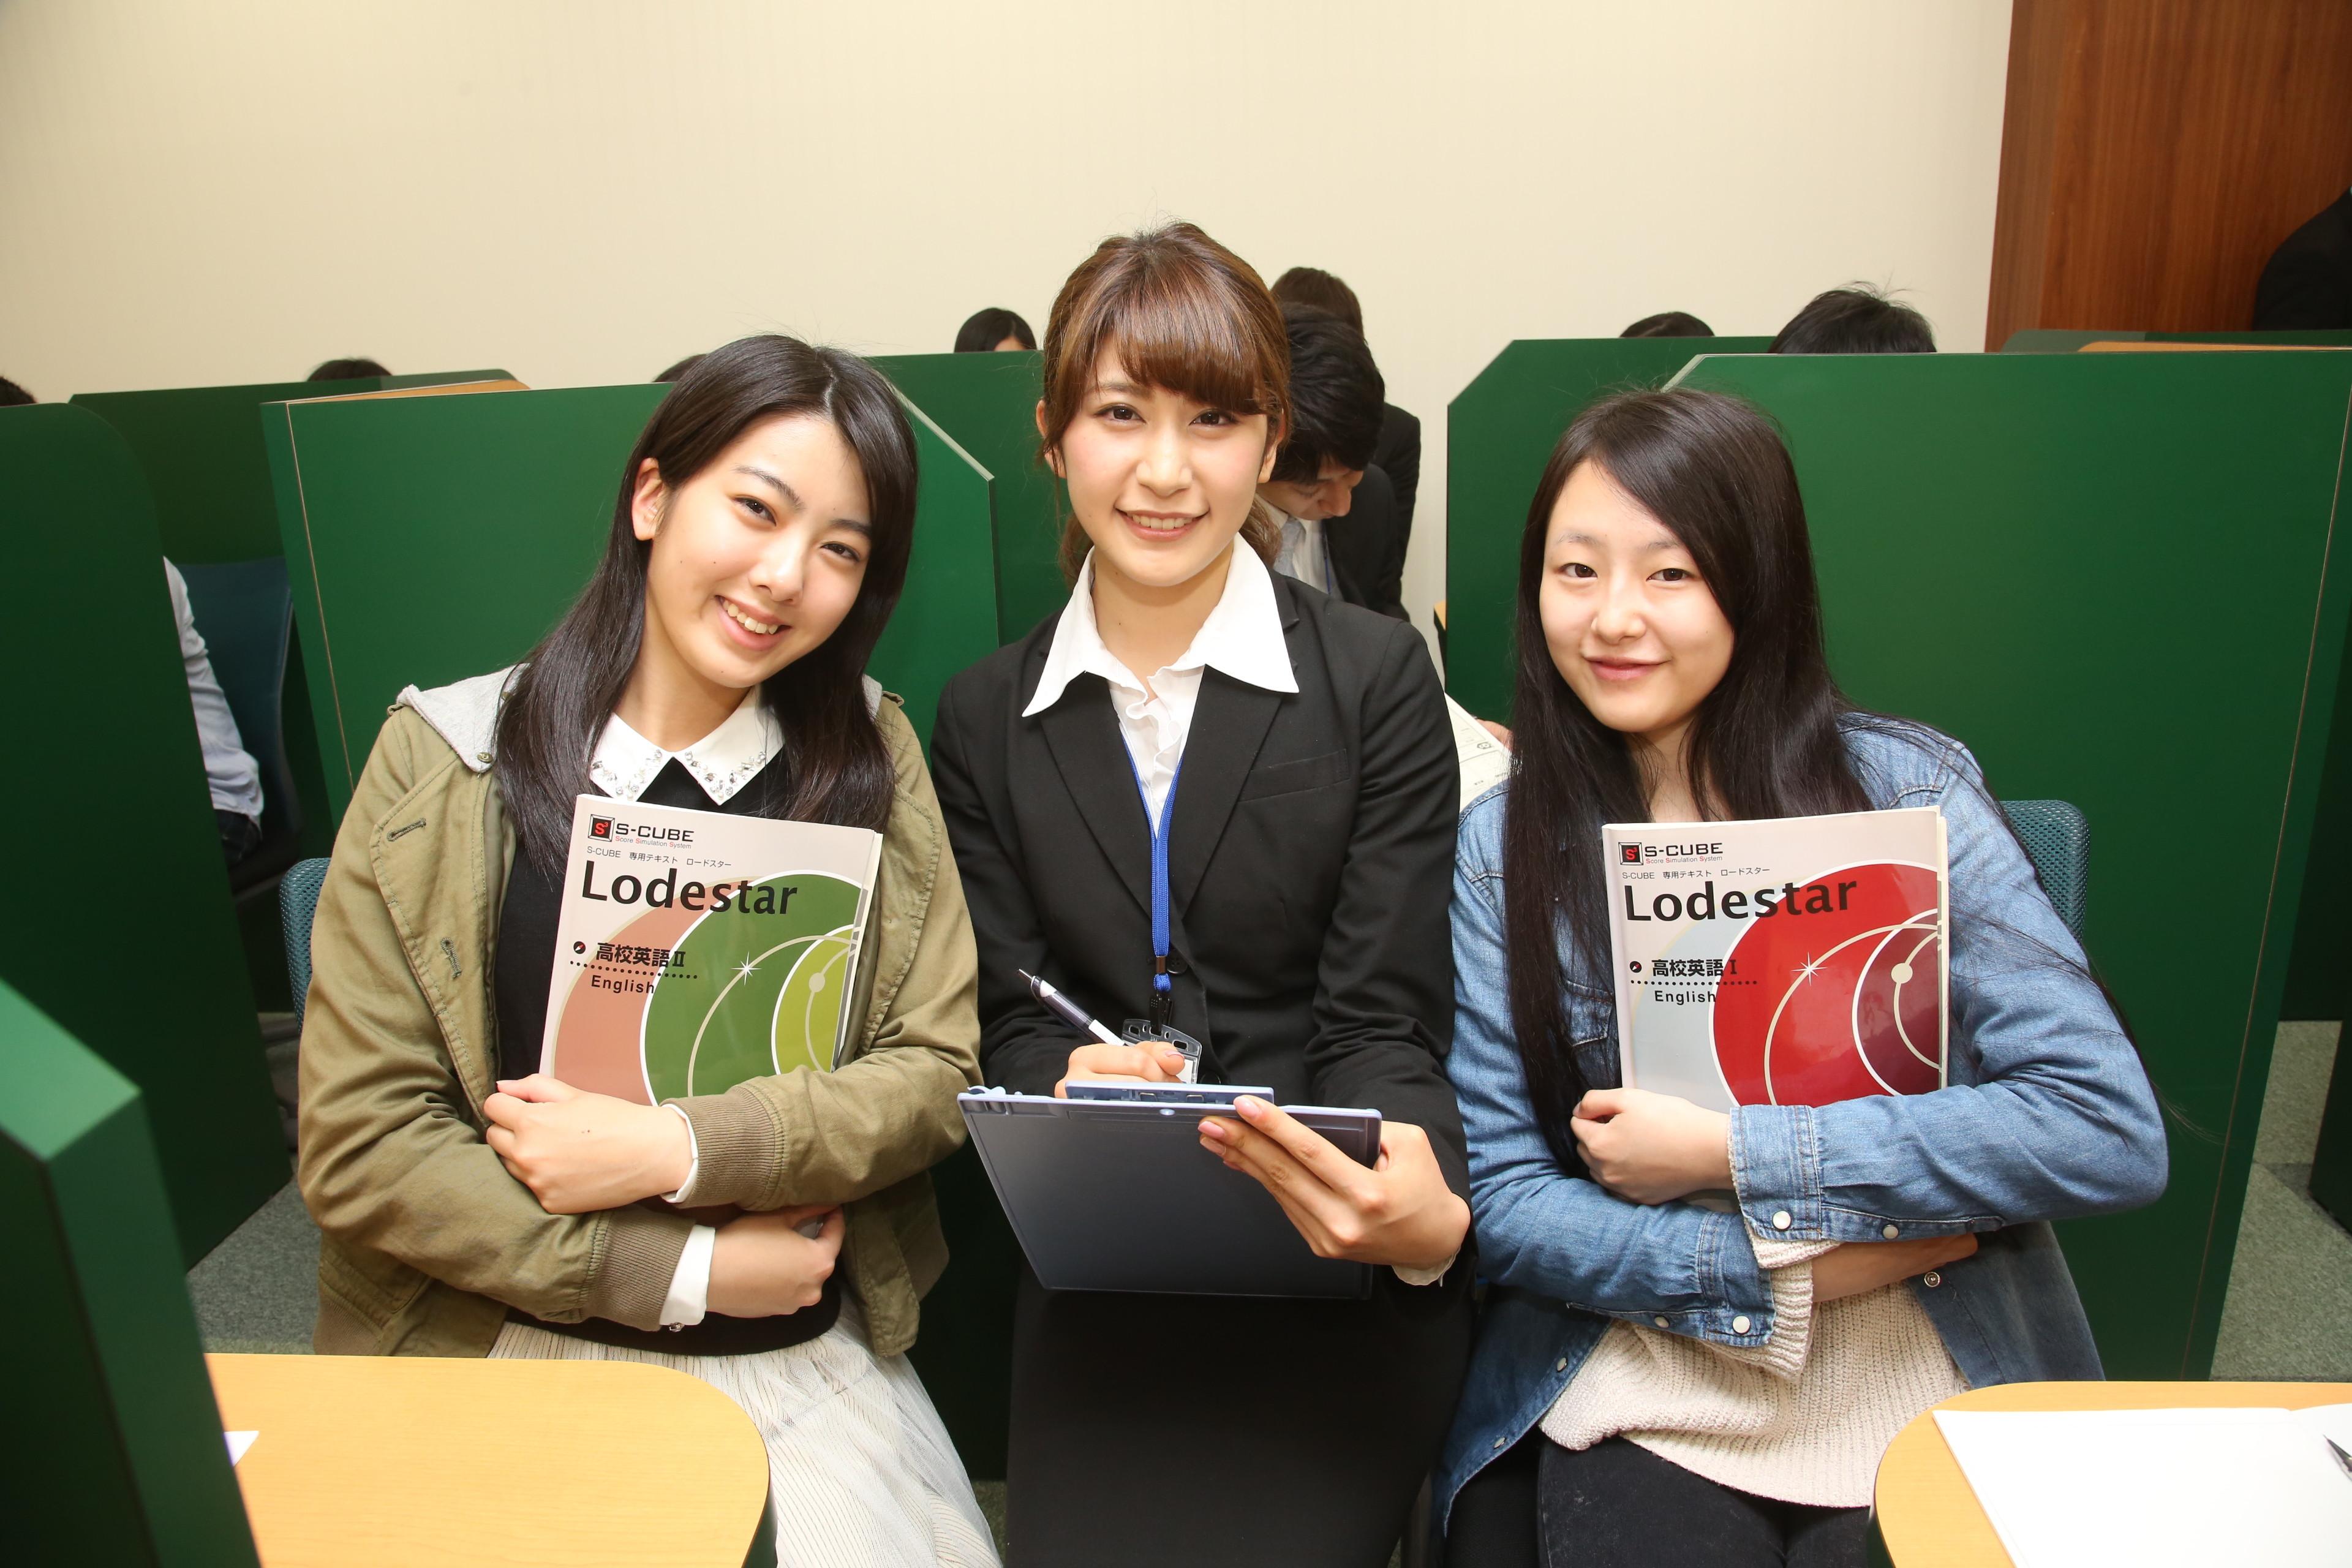 個別指導学院 フリーステップ 藤井寺教室のアルバイト情報